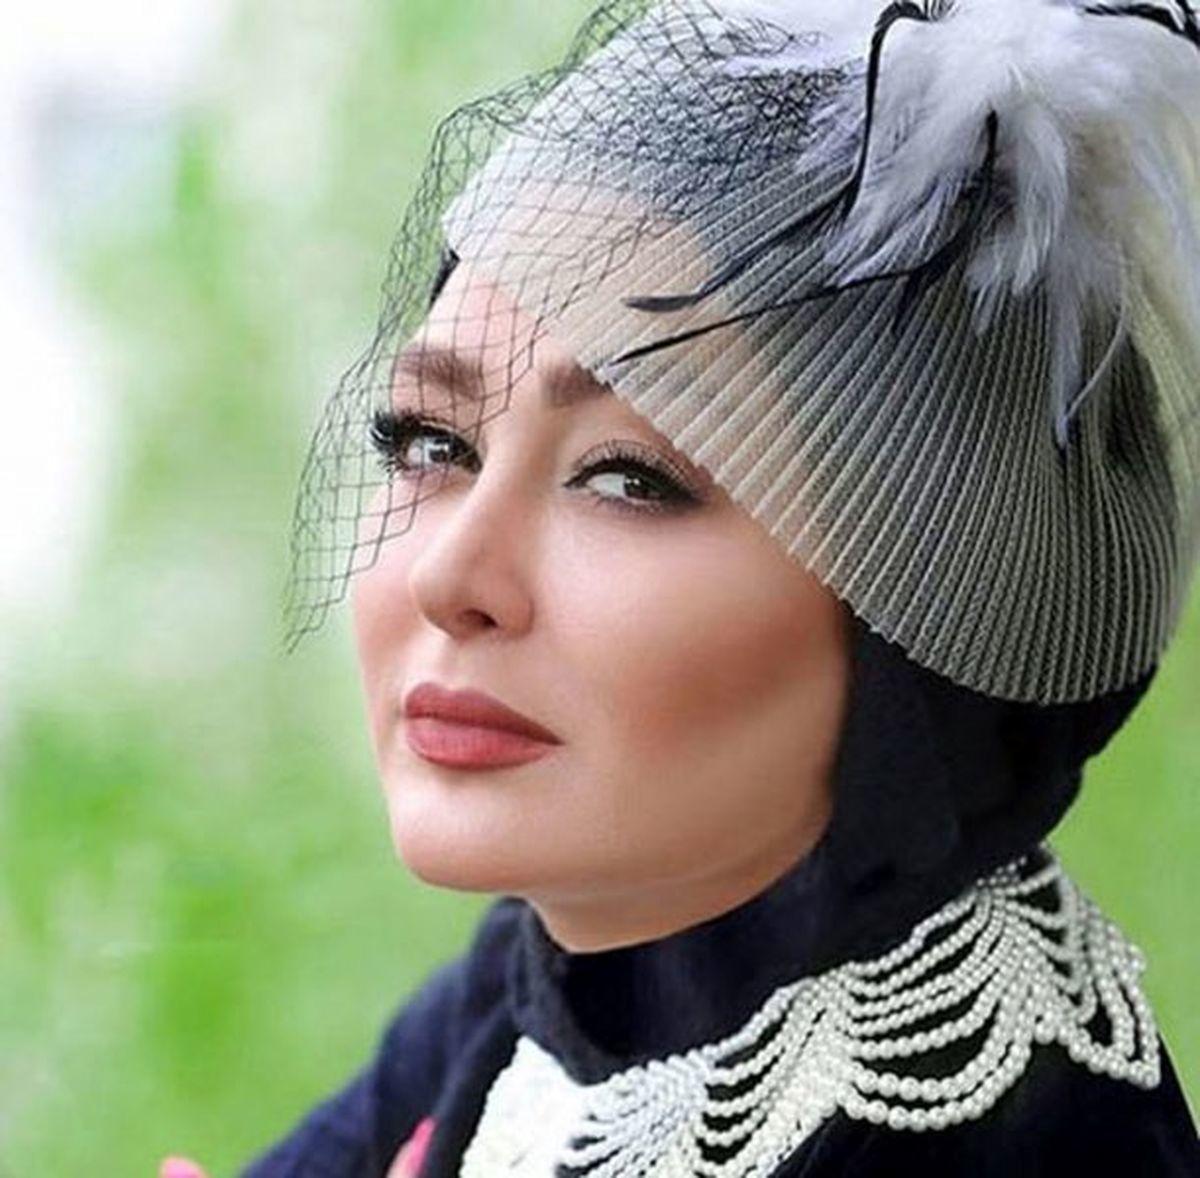 ماجرای آشنایی الهام حمیدی و همسر میلیاردرش لورفت + فیلم